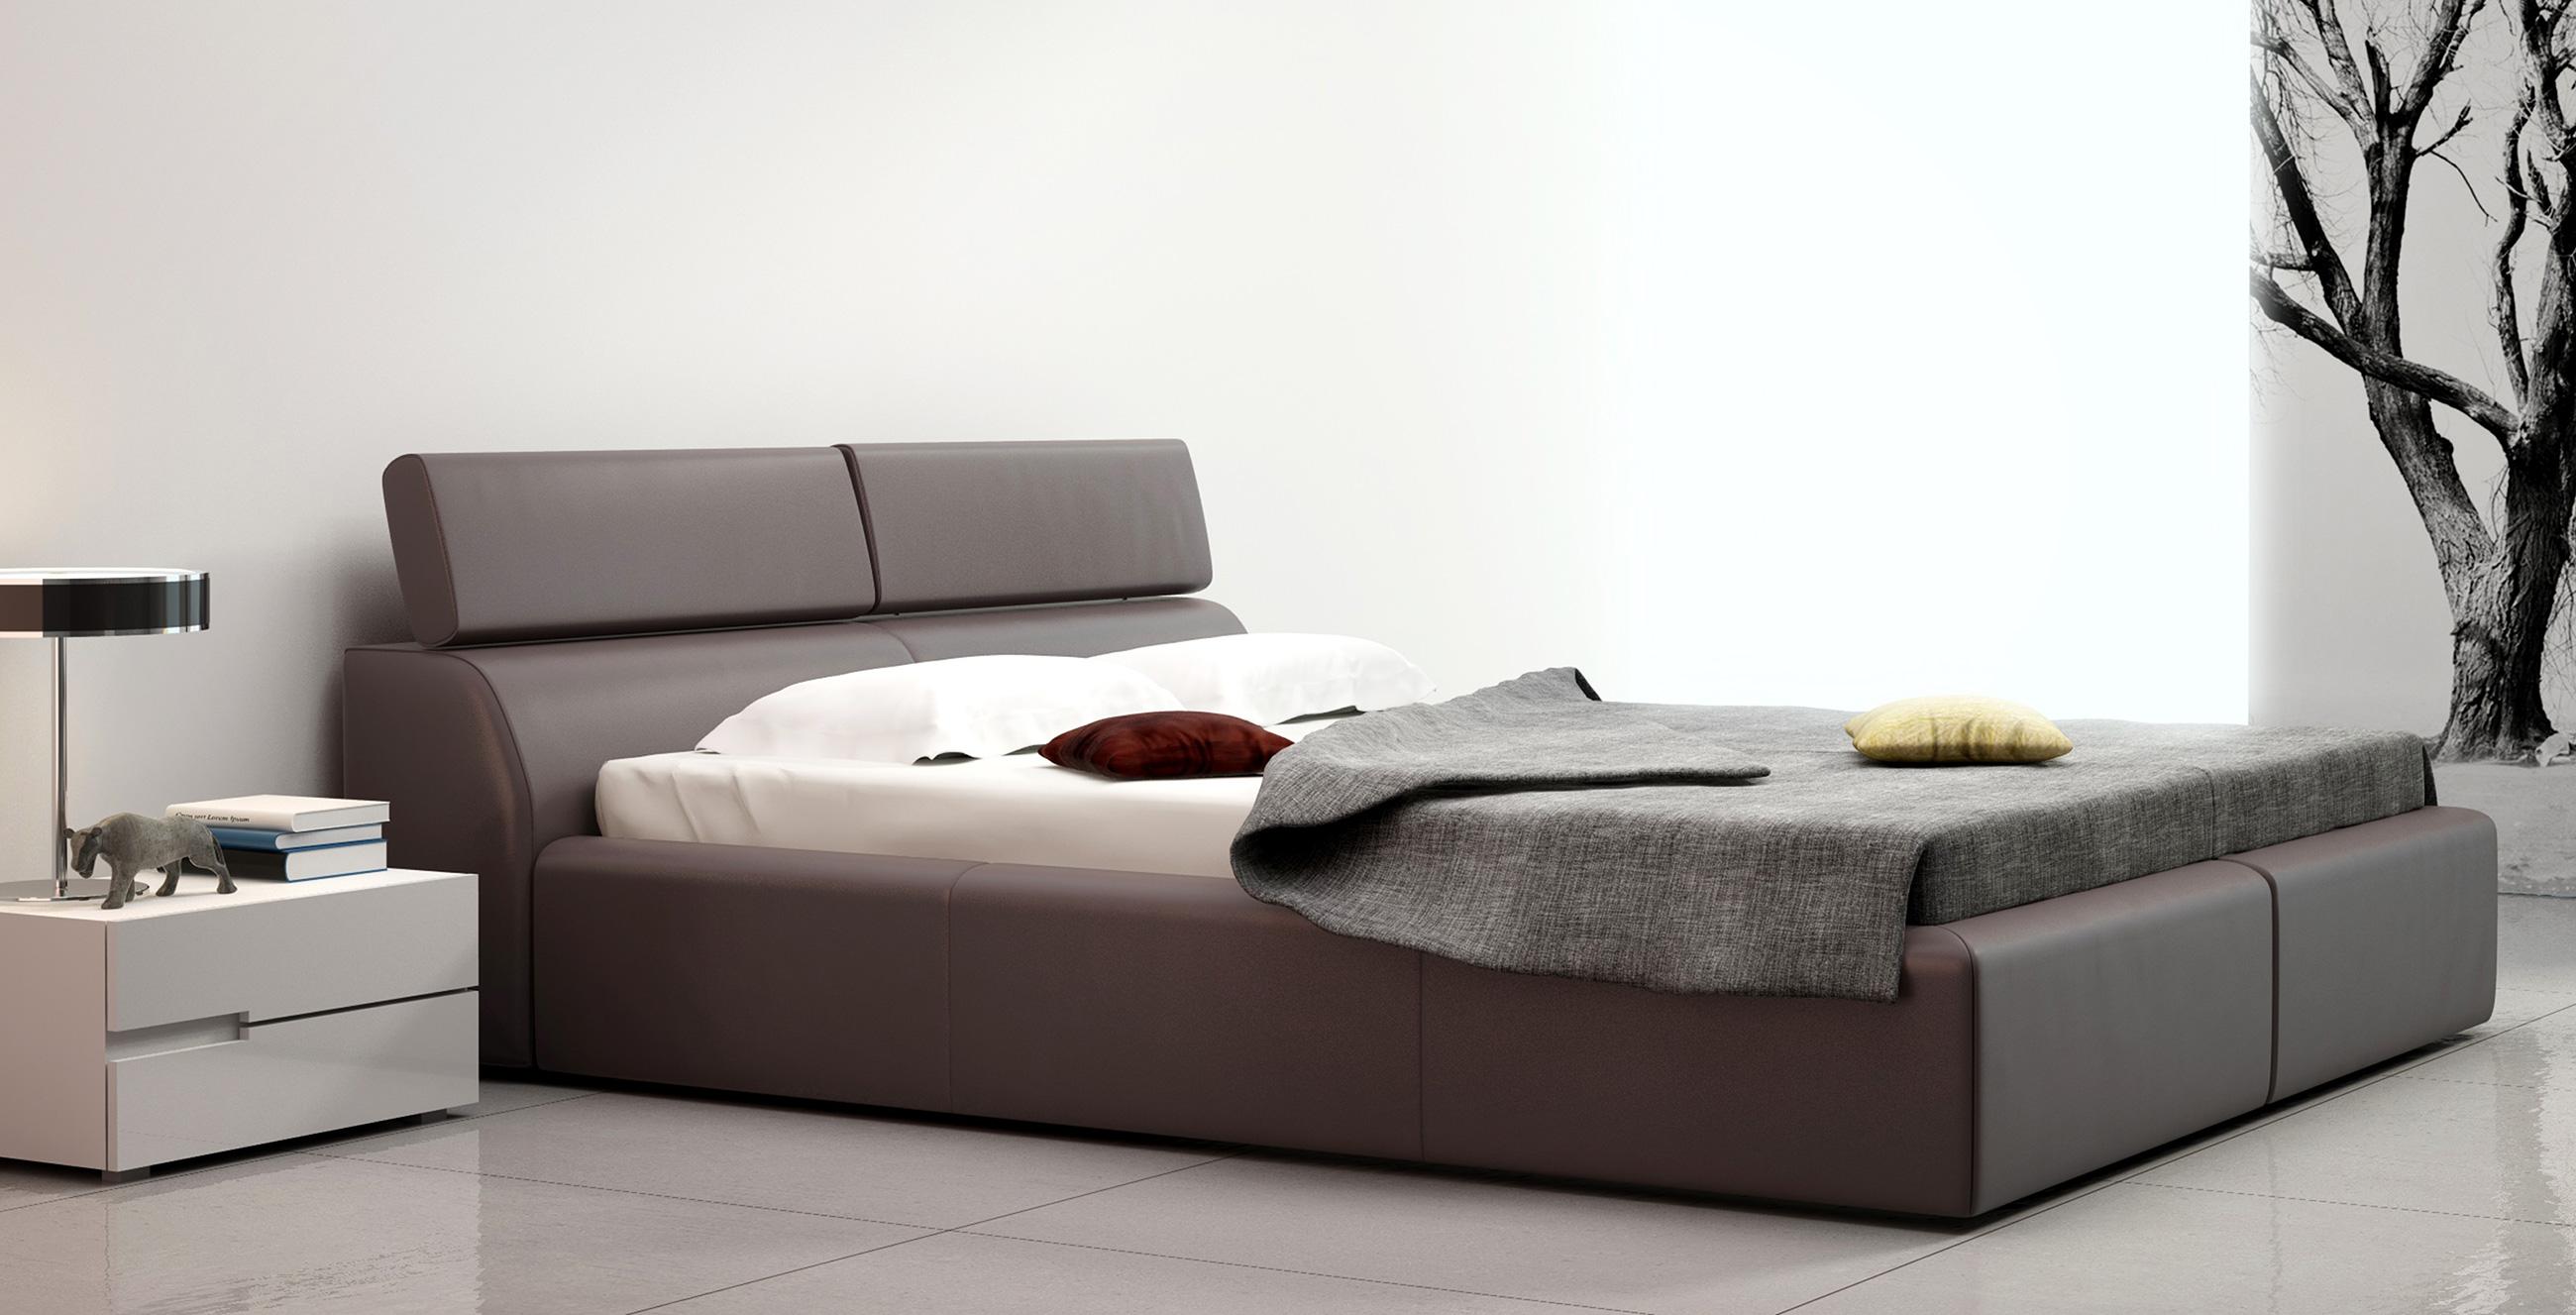 Genesis Nowoczesne Duże łóżko Do Sypialni Z Zagłówkiem Tc Meble